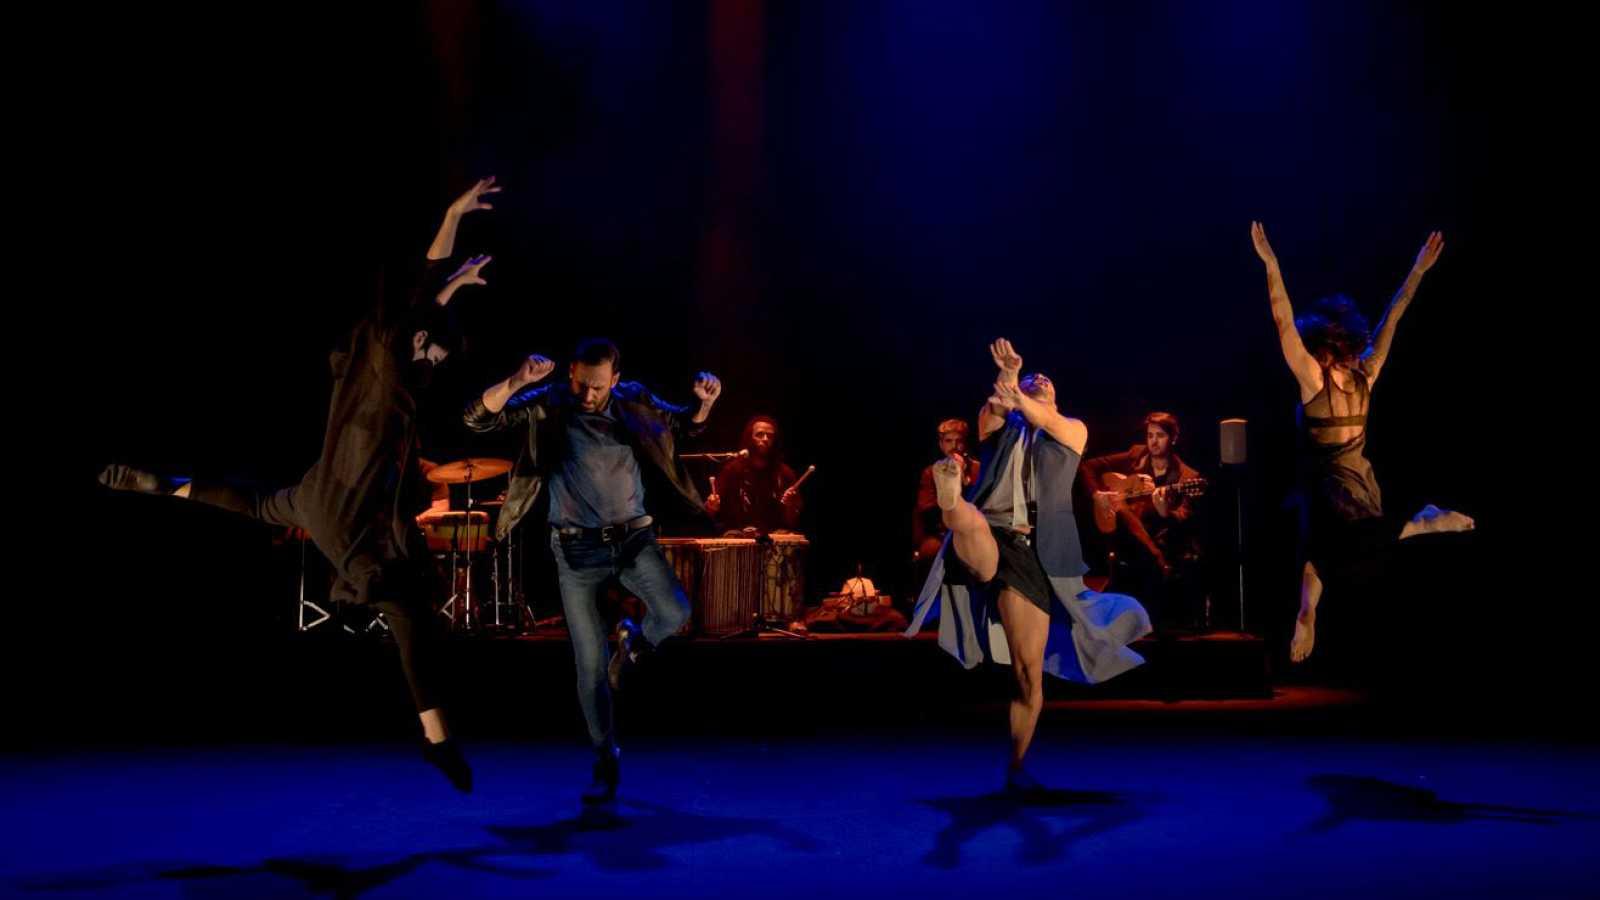 África hoy - El flamenco y la danza contemporánea se fusionan con la danza africana - 09/02/21 - escuchar ahora